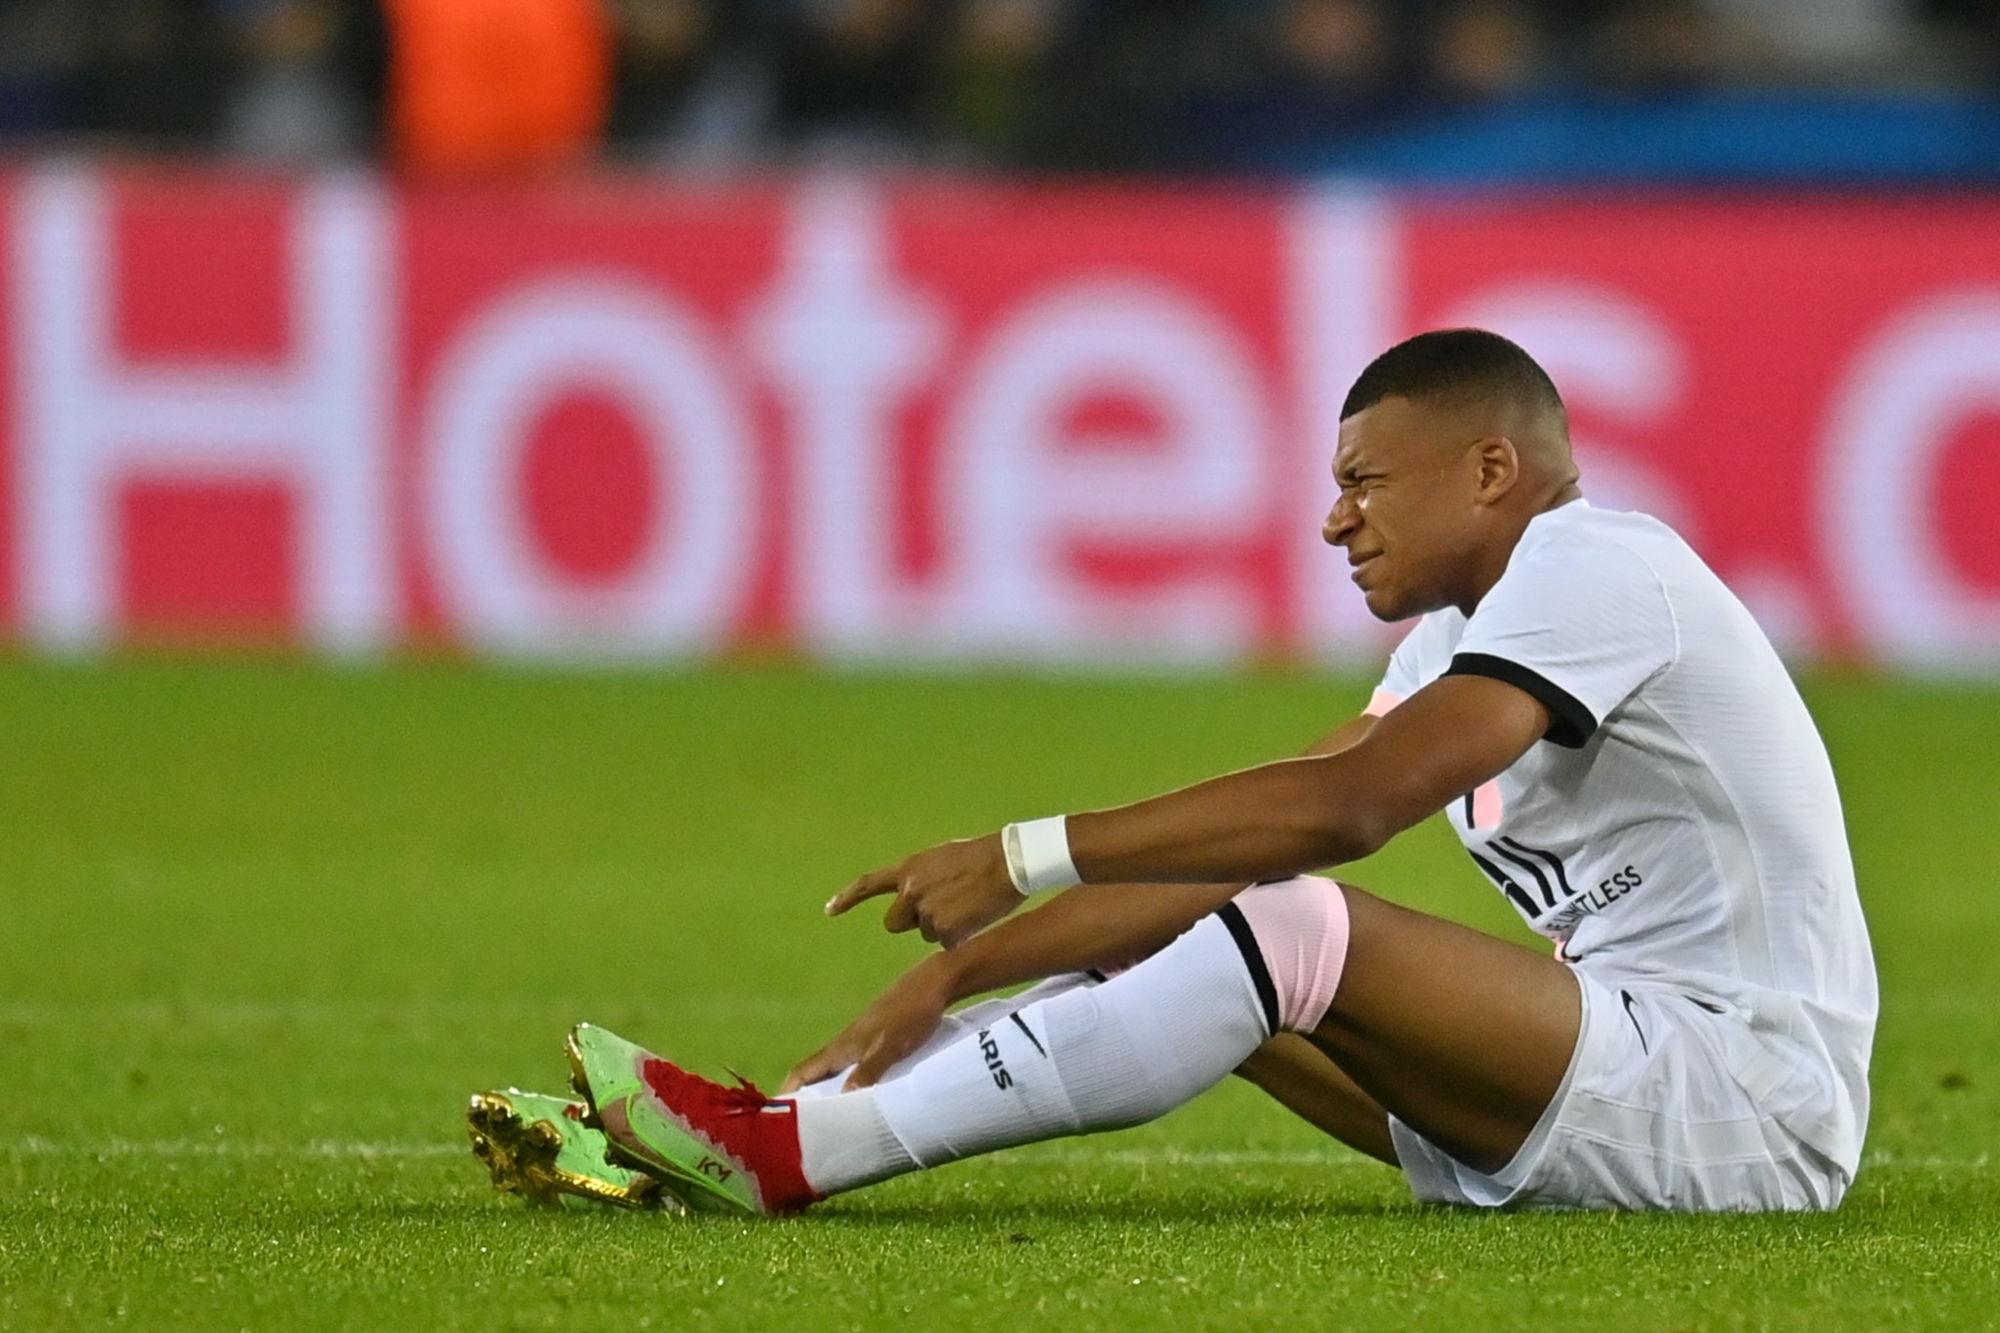 """Mbappé souffre d'un """"traumatisme au gros orteil du pied gauche"""""""